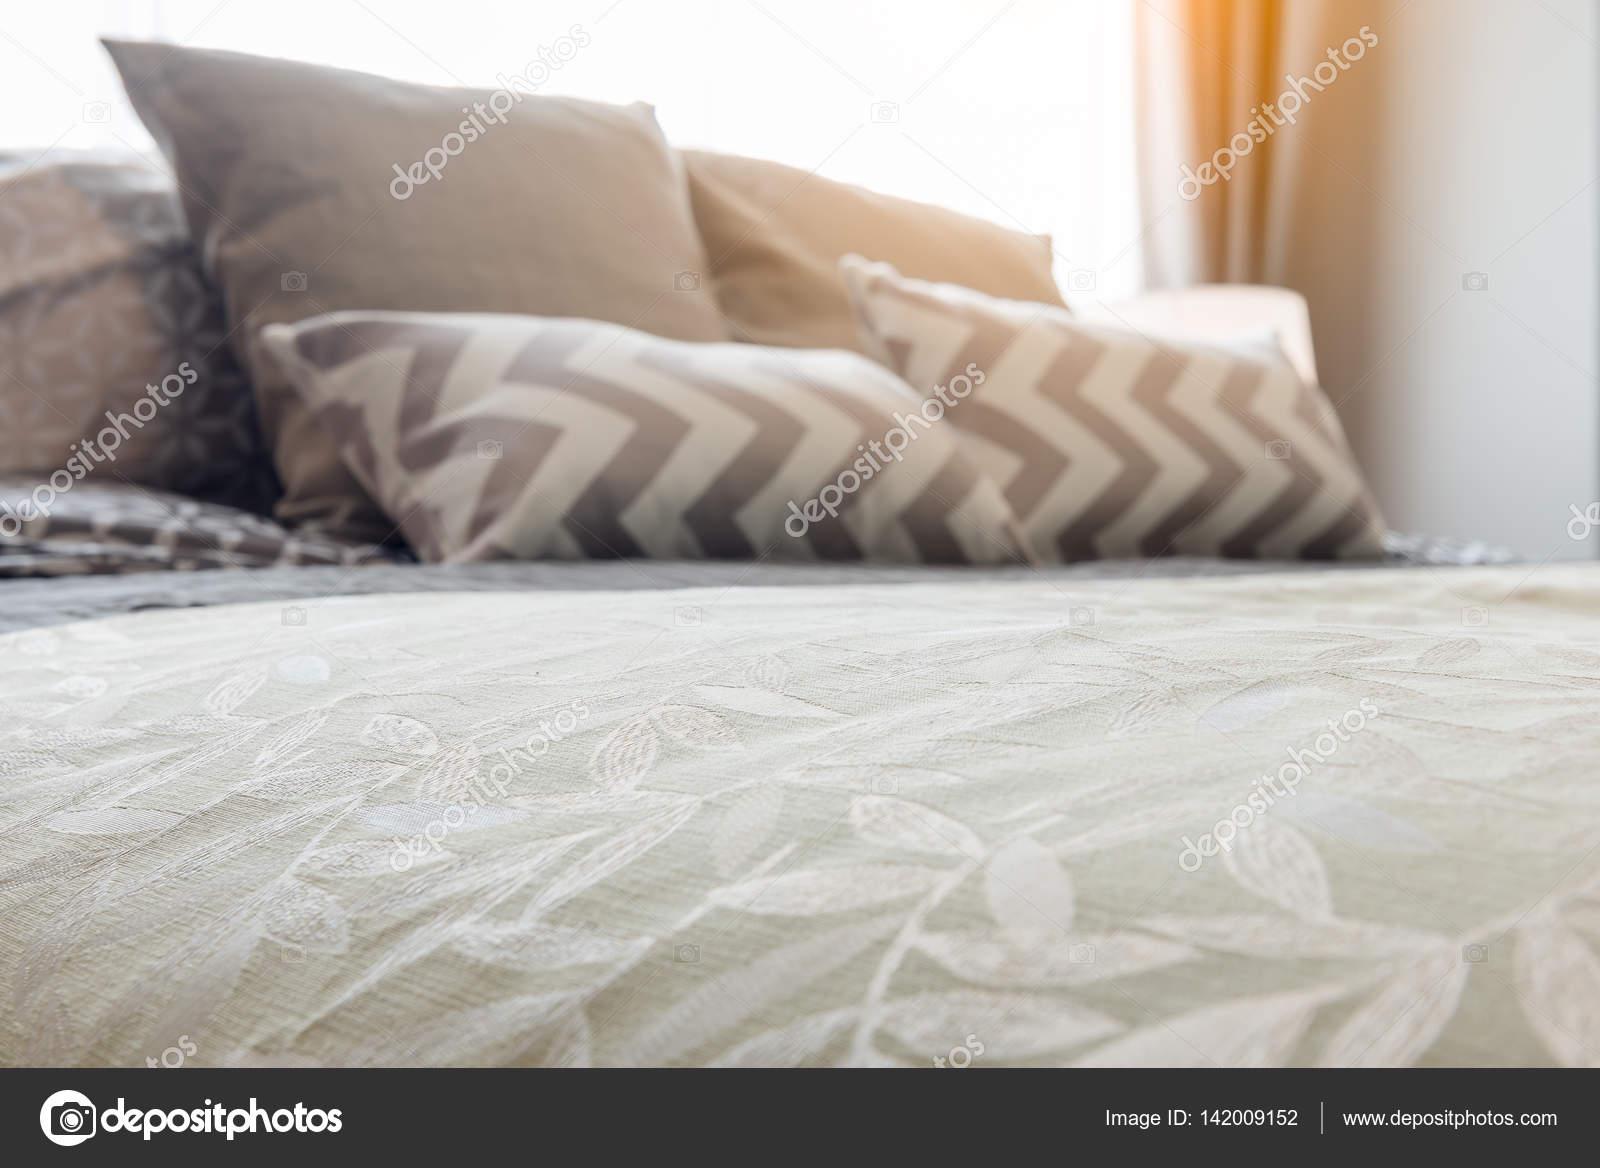 Grüne Decke Mit Kissen Auf Gemütlichen Bett Im Schlafzimmer